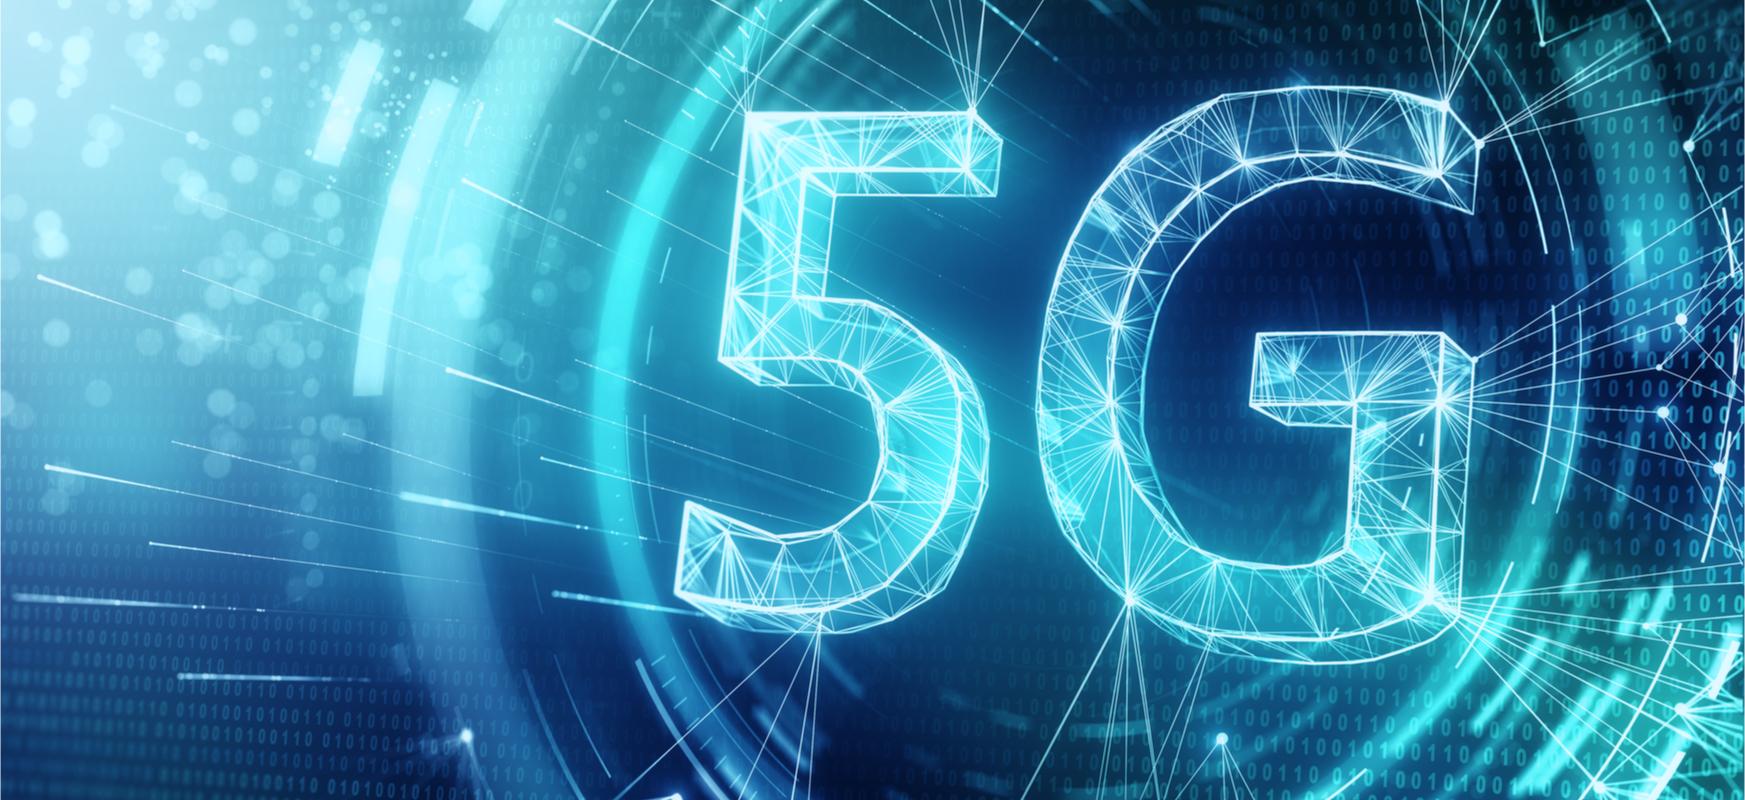 5G-k ez du minbizia eragiten.  Amaiera eta epea